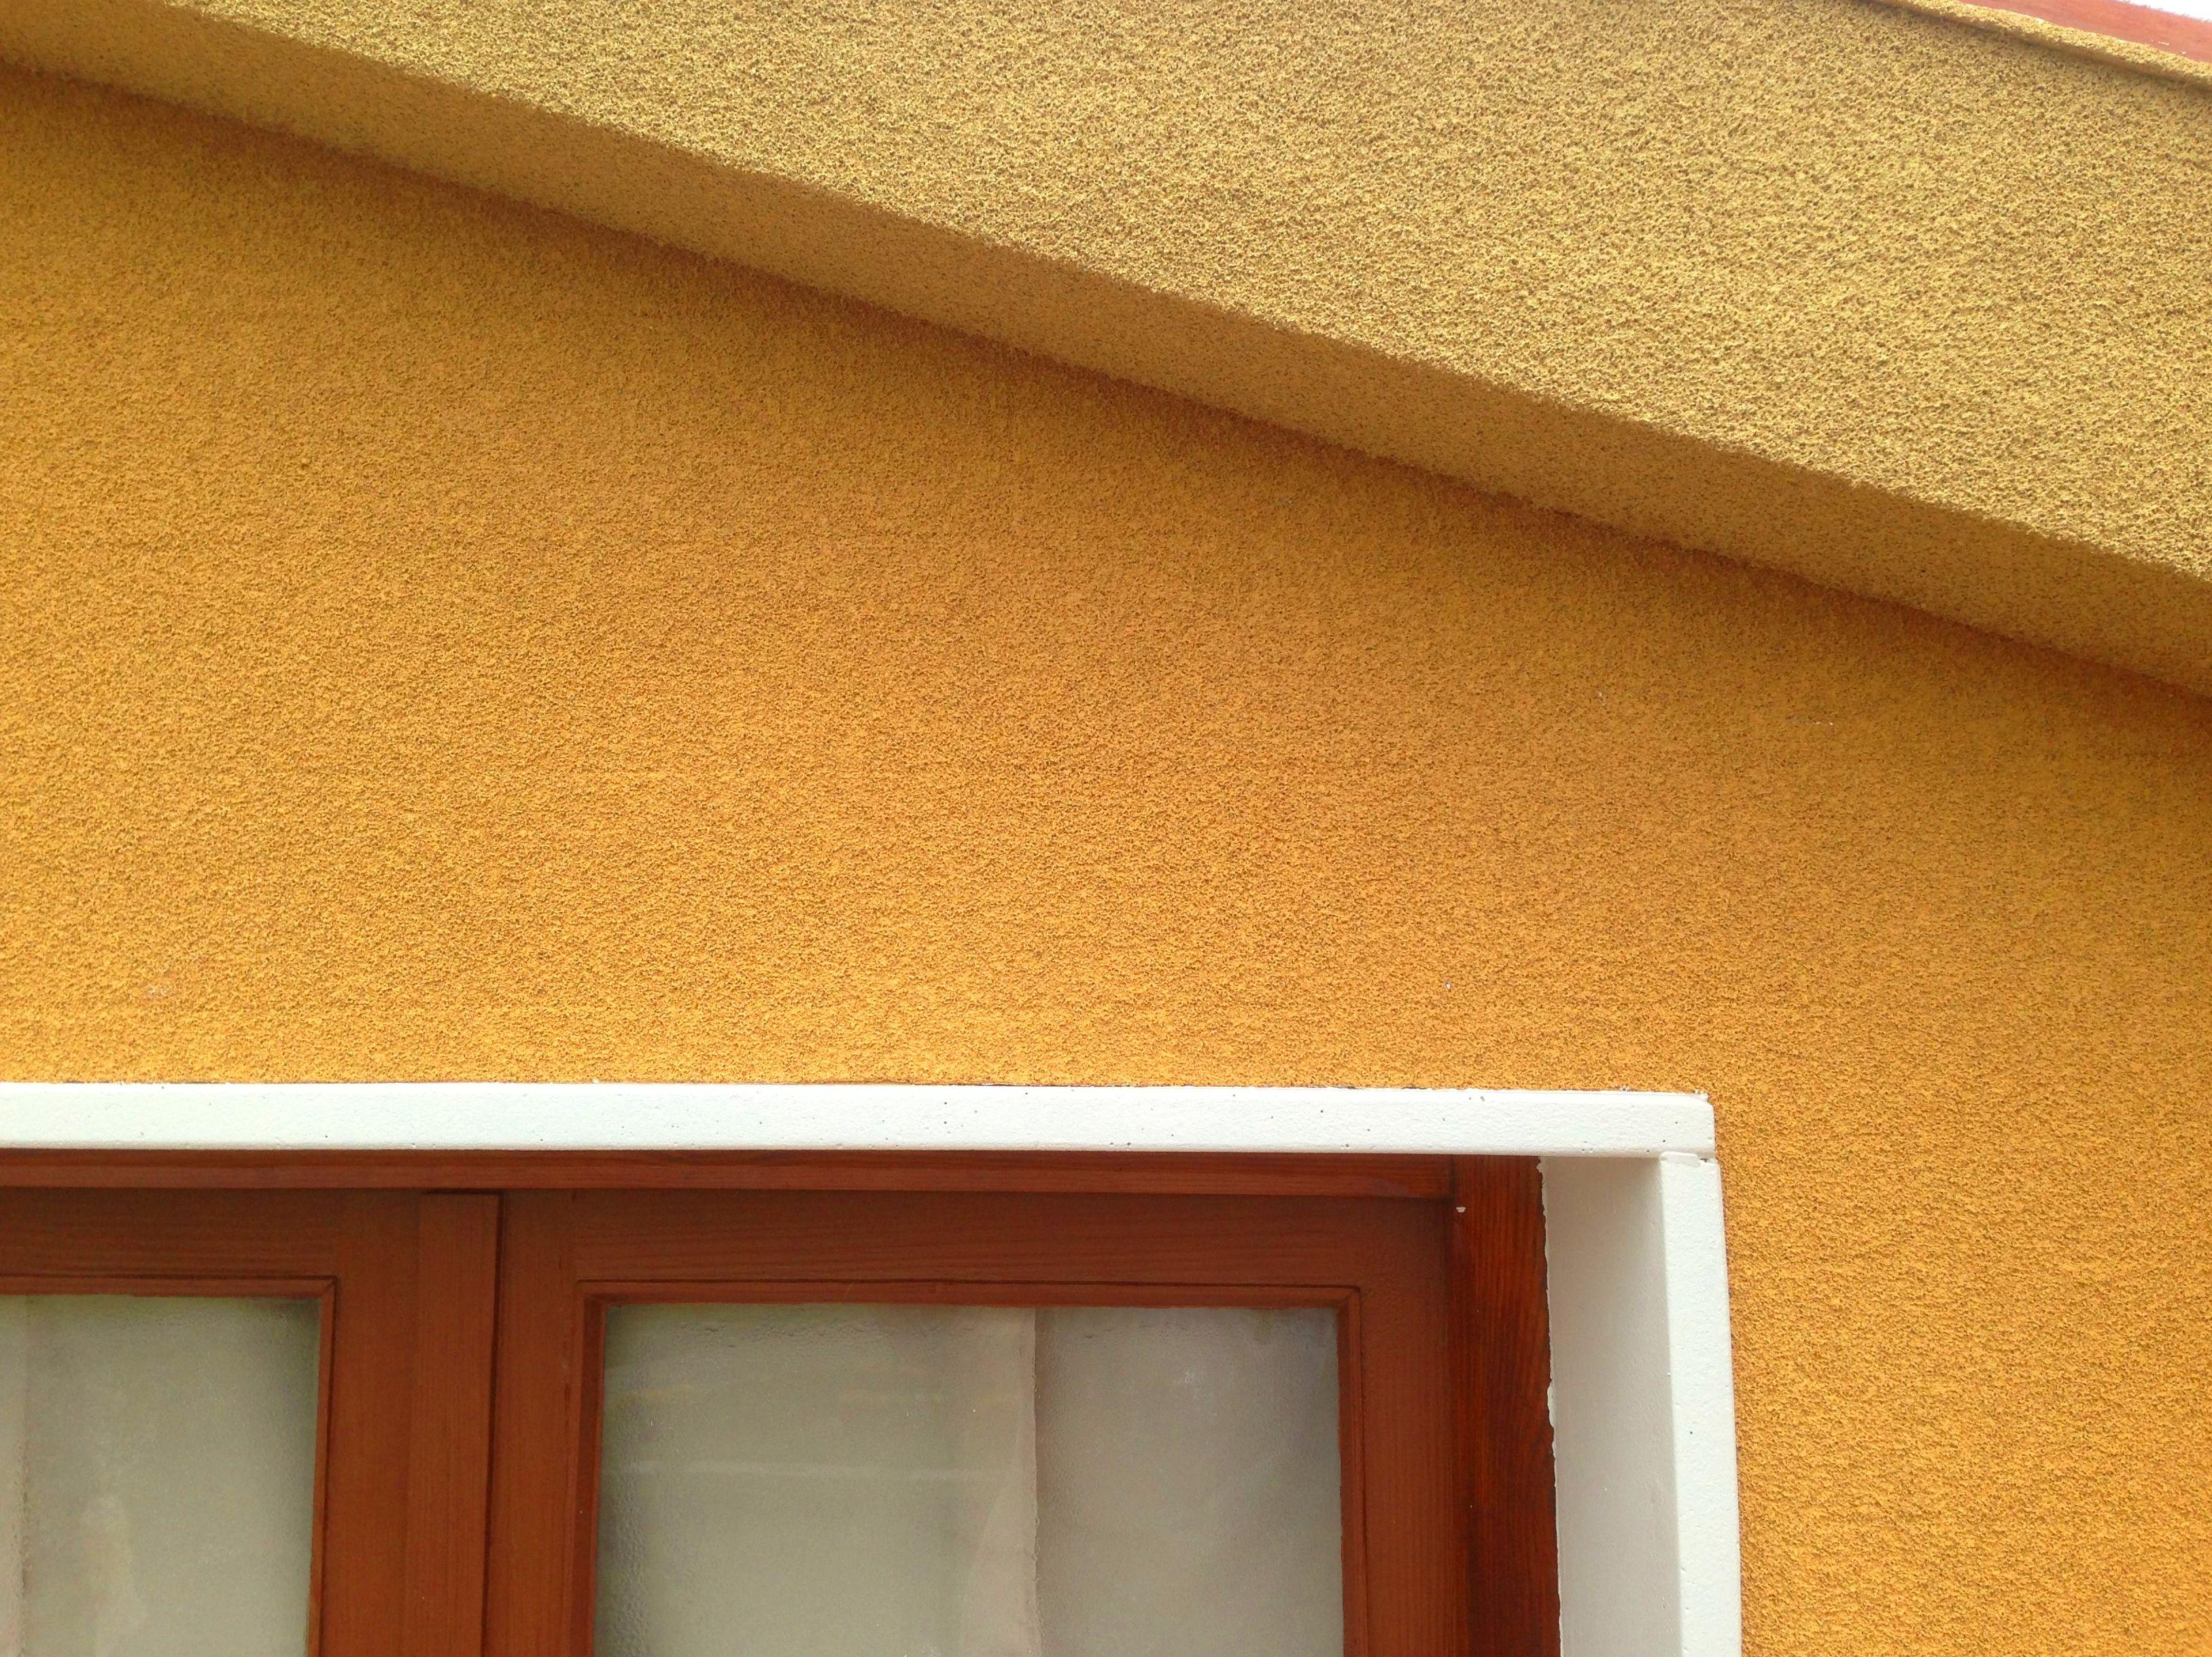 Conoce nuestra gama de revestimientos de acabado para fachadas - Revestimientos para fachadas ...